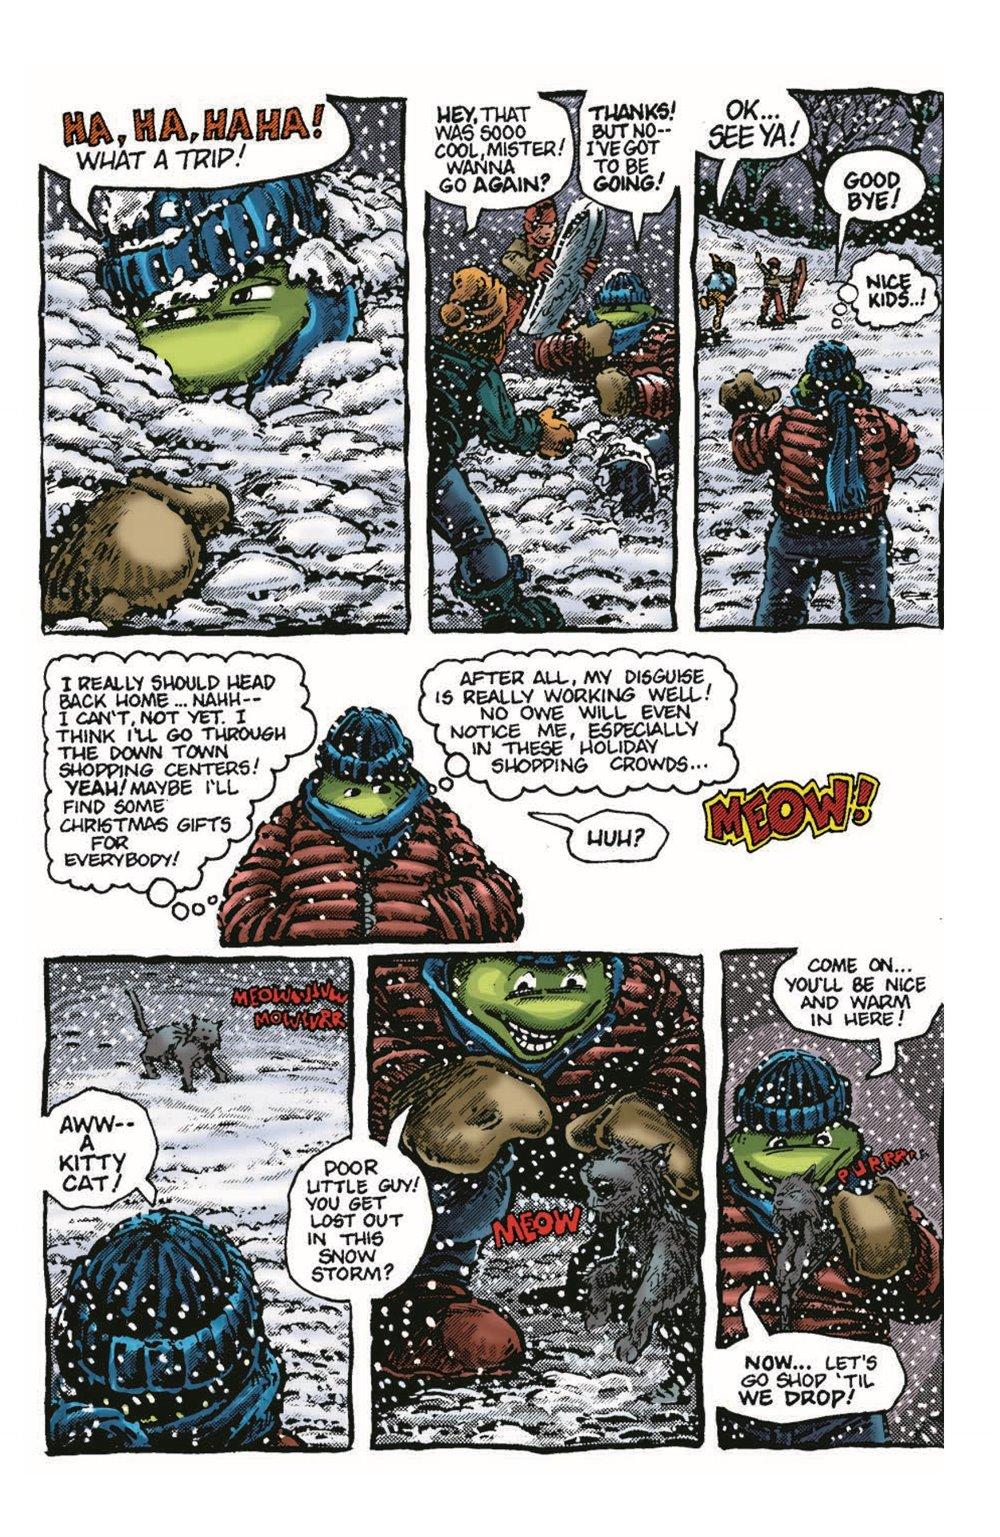 TMNT-Bestof-Mike_pr-6 ComicList Previews: TEENAGE MUTANT NINJA TURTLES BEST OF MICHELANGELO #1